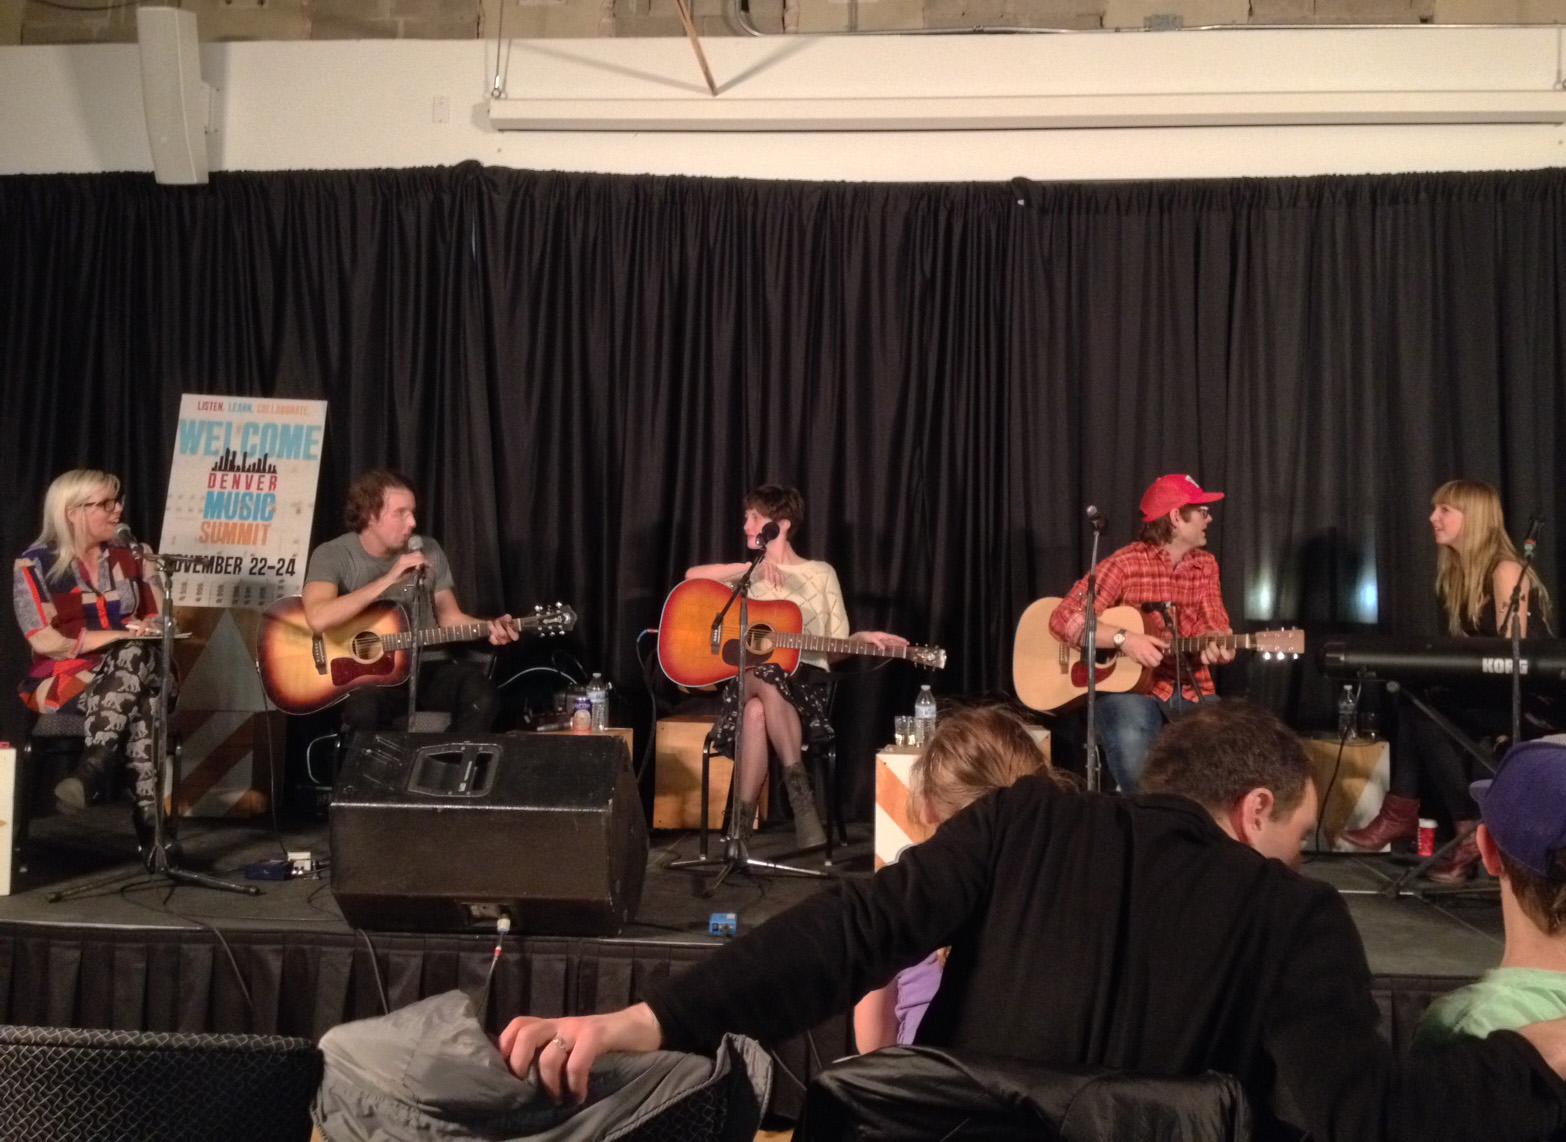 Recap: The 2013 Denver Music Summit